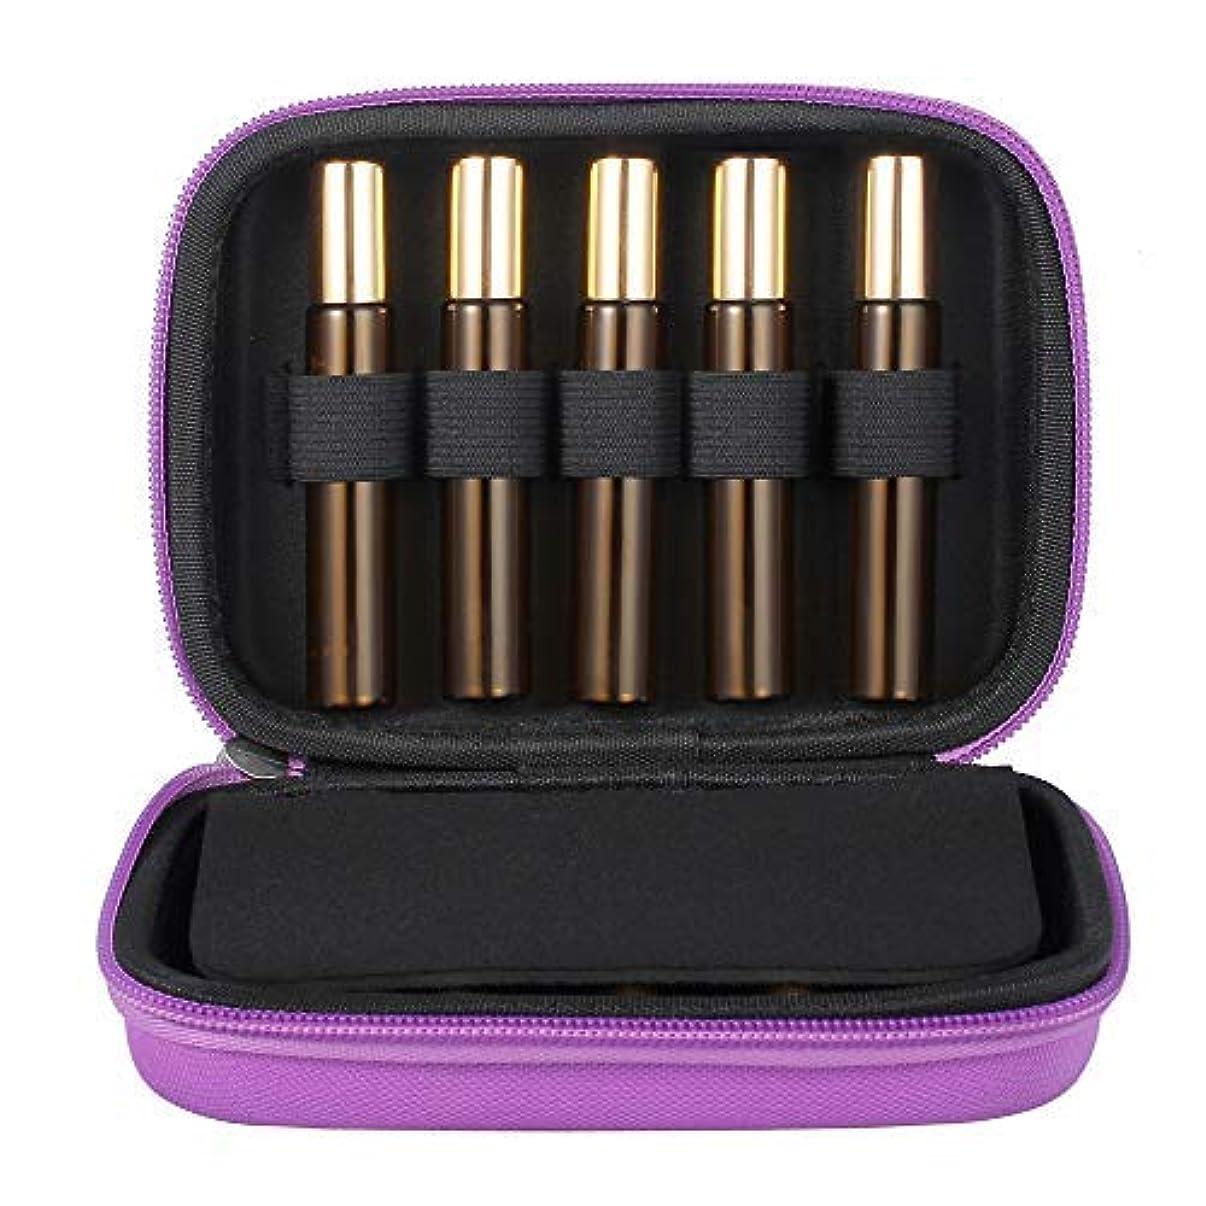 舗装長方形うめきTanice Essential Oil Case with 10pcs 10ml Roller Bottles Hard Shell Exterior EVA Essential Oils Storage Organzier...